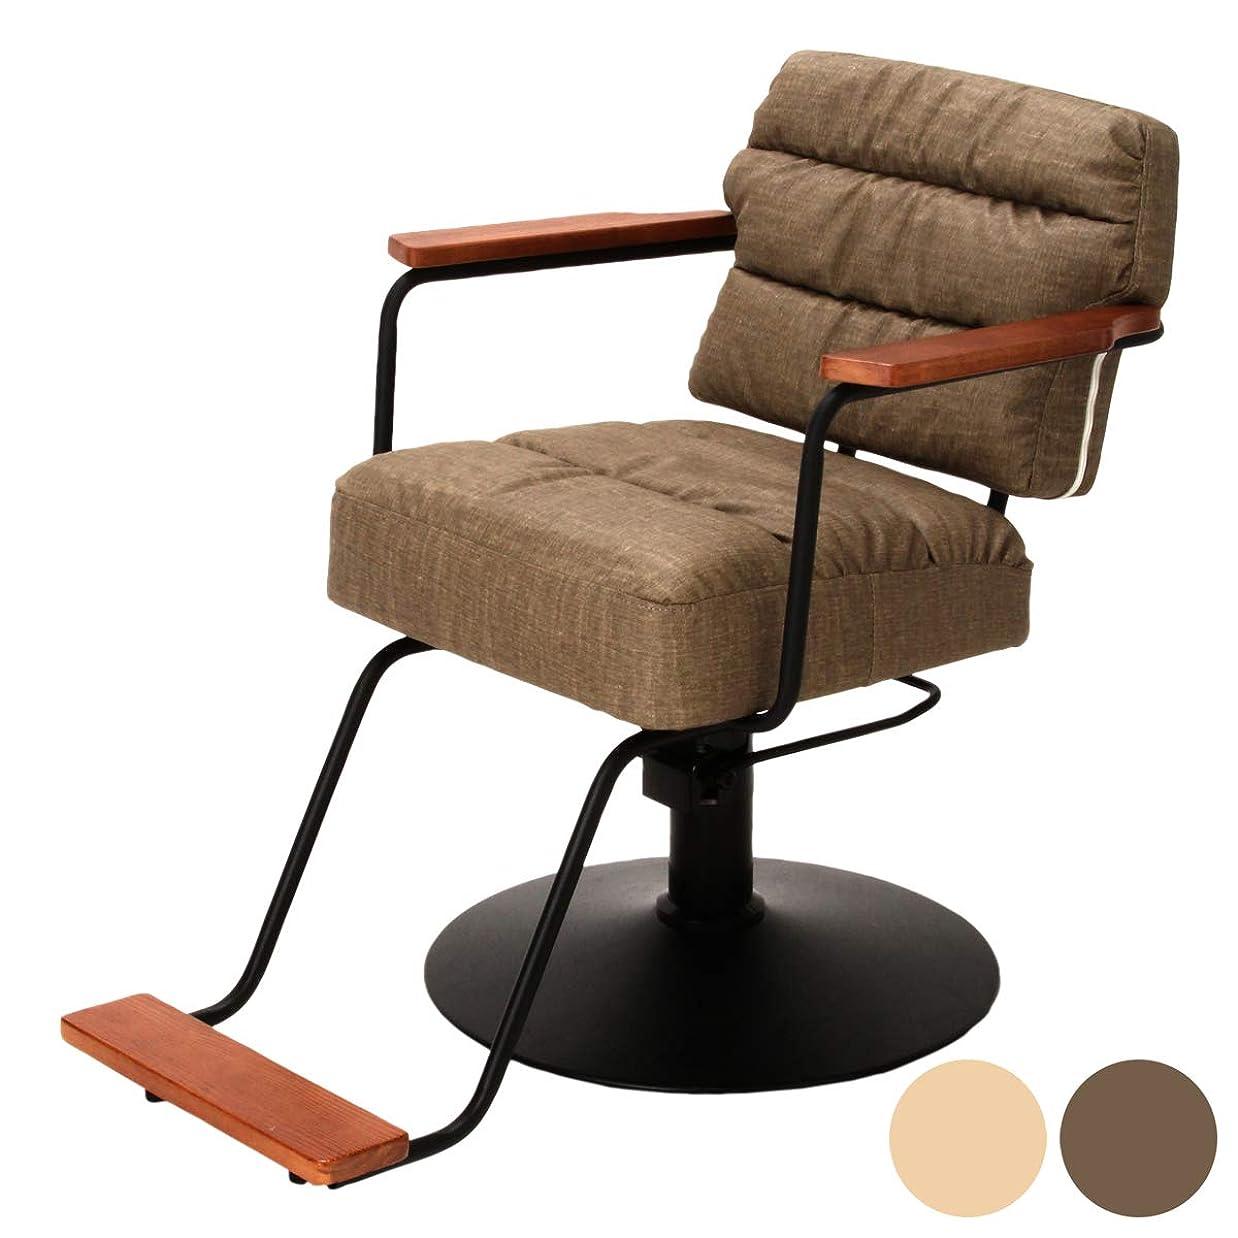 終わった検出期限スタイリングチェア oslo 全2色 ダークオーク [ スタイリングチェア チェア 椅子 イス セットチェア セット椅子 セットイス カットチェア カット椅子 カットイス 美容室椅子 美容室 美容師 ]